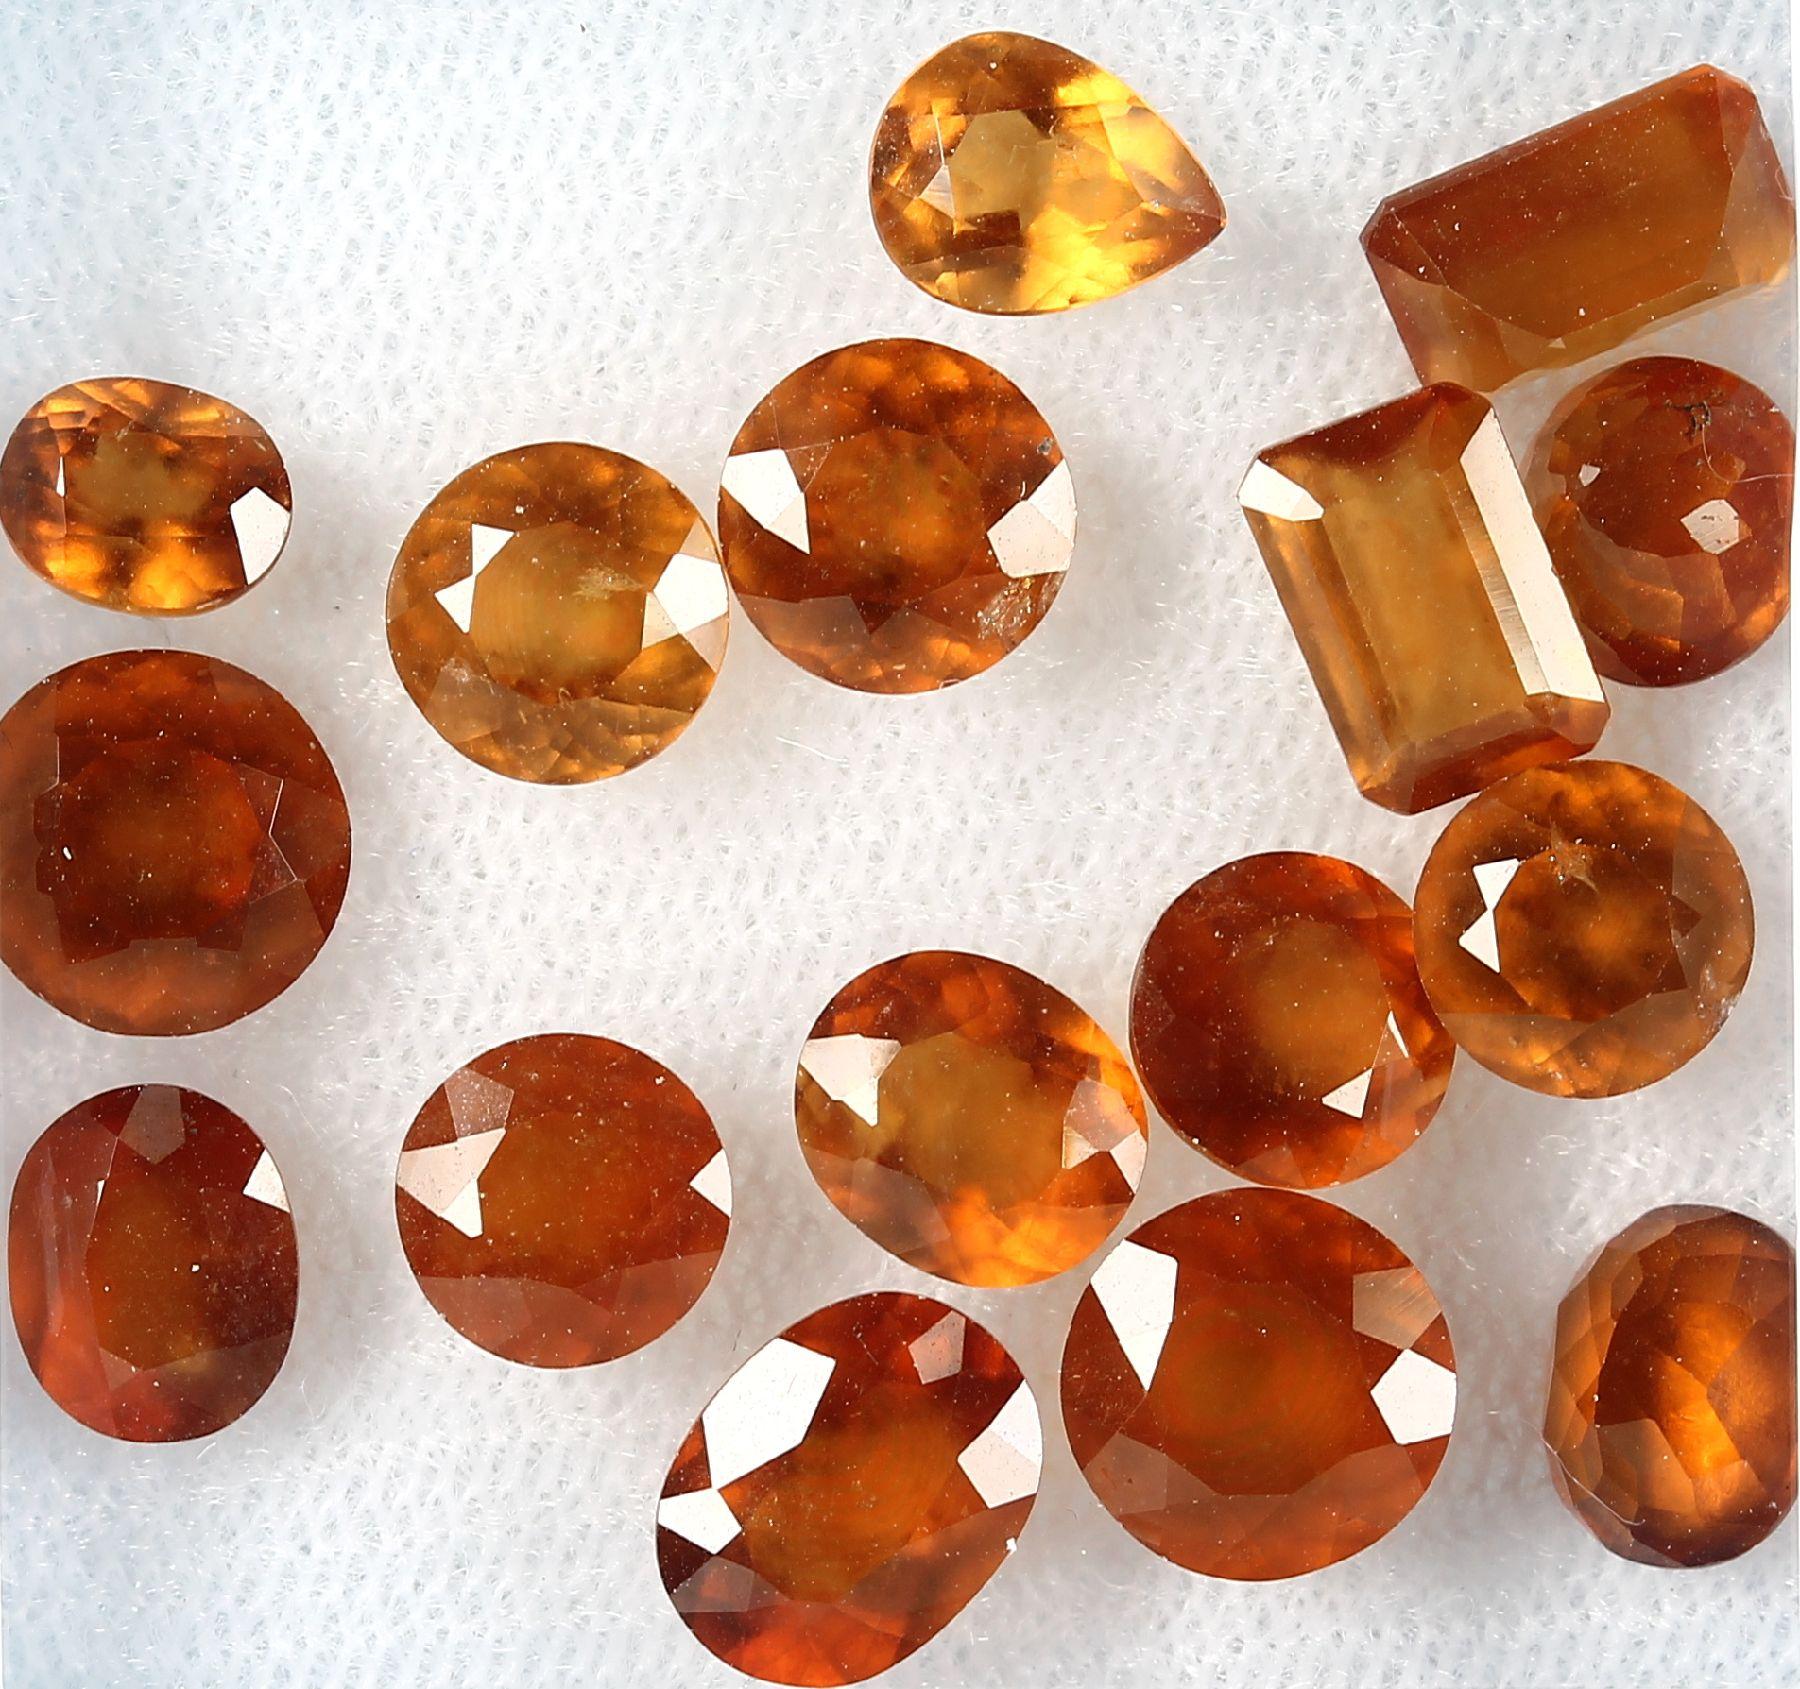 Lot lose facett. Mandaringranate, zus. 20.22 ct, in versch. Schliffformen, überwie- gend rund